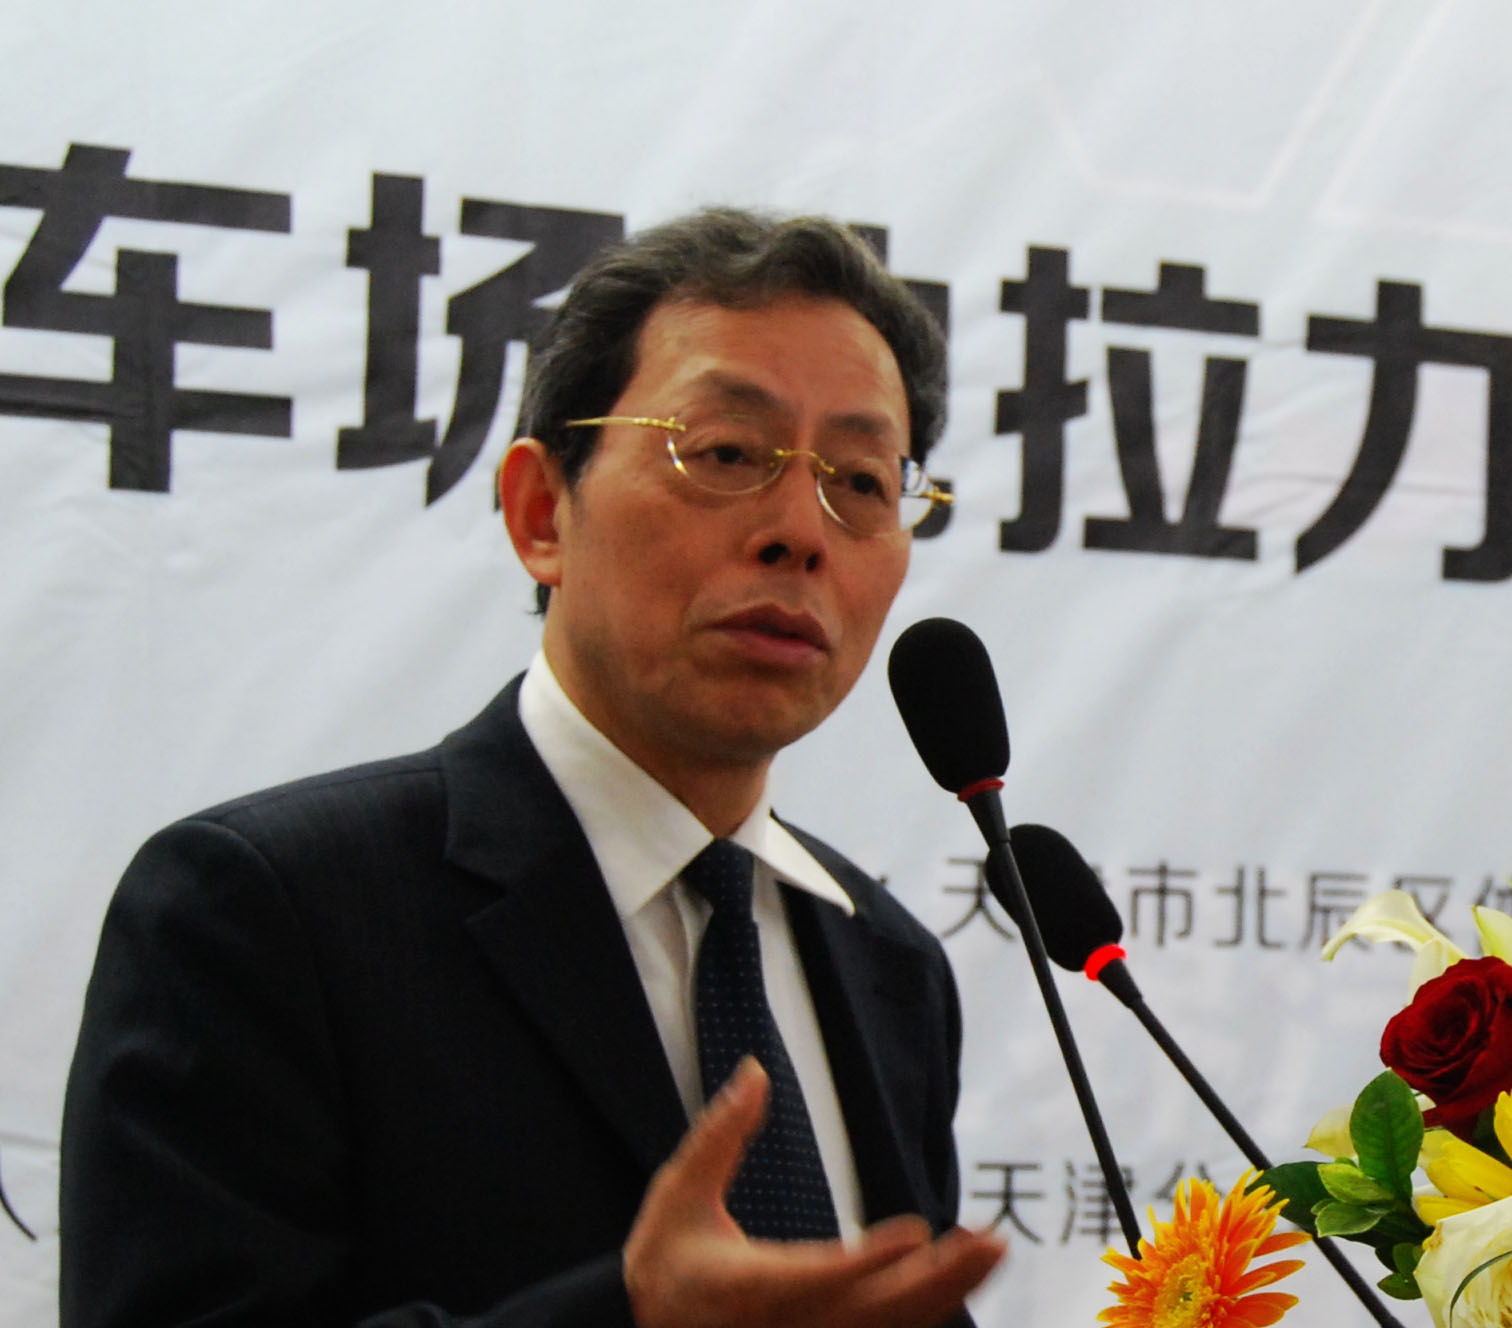 毛焕宇:动力电池盲目投资将面临血本无归的风险